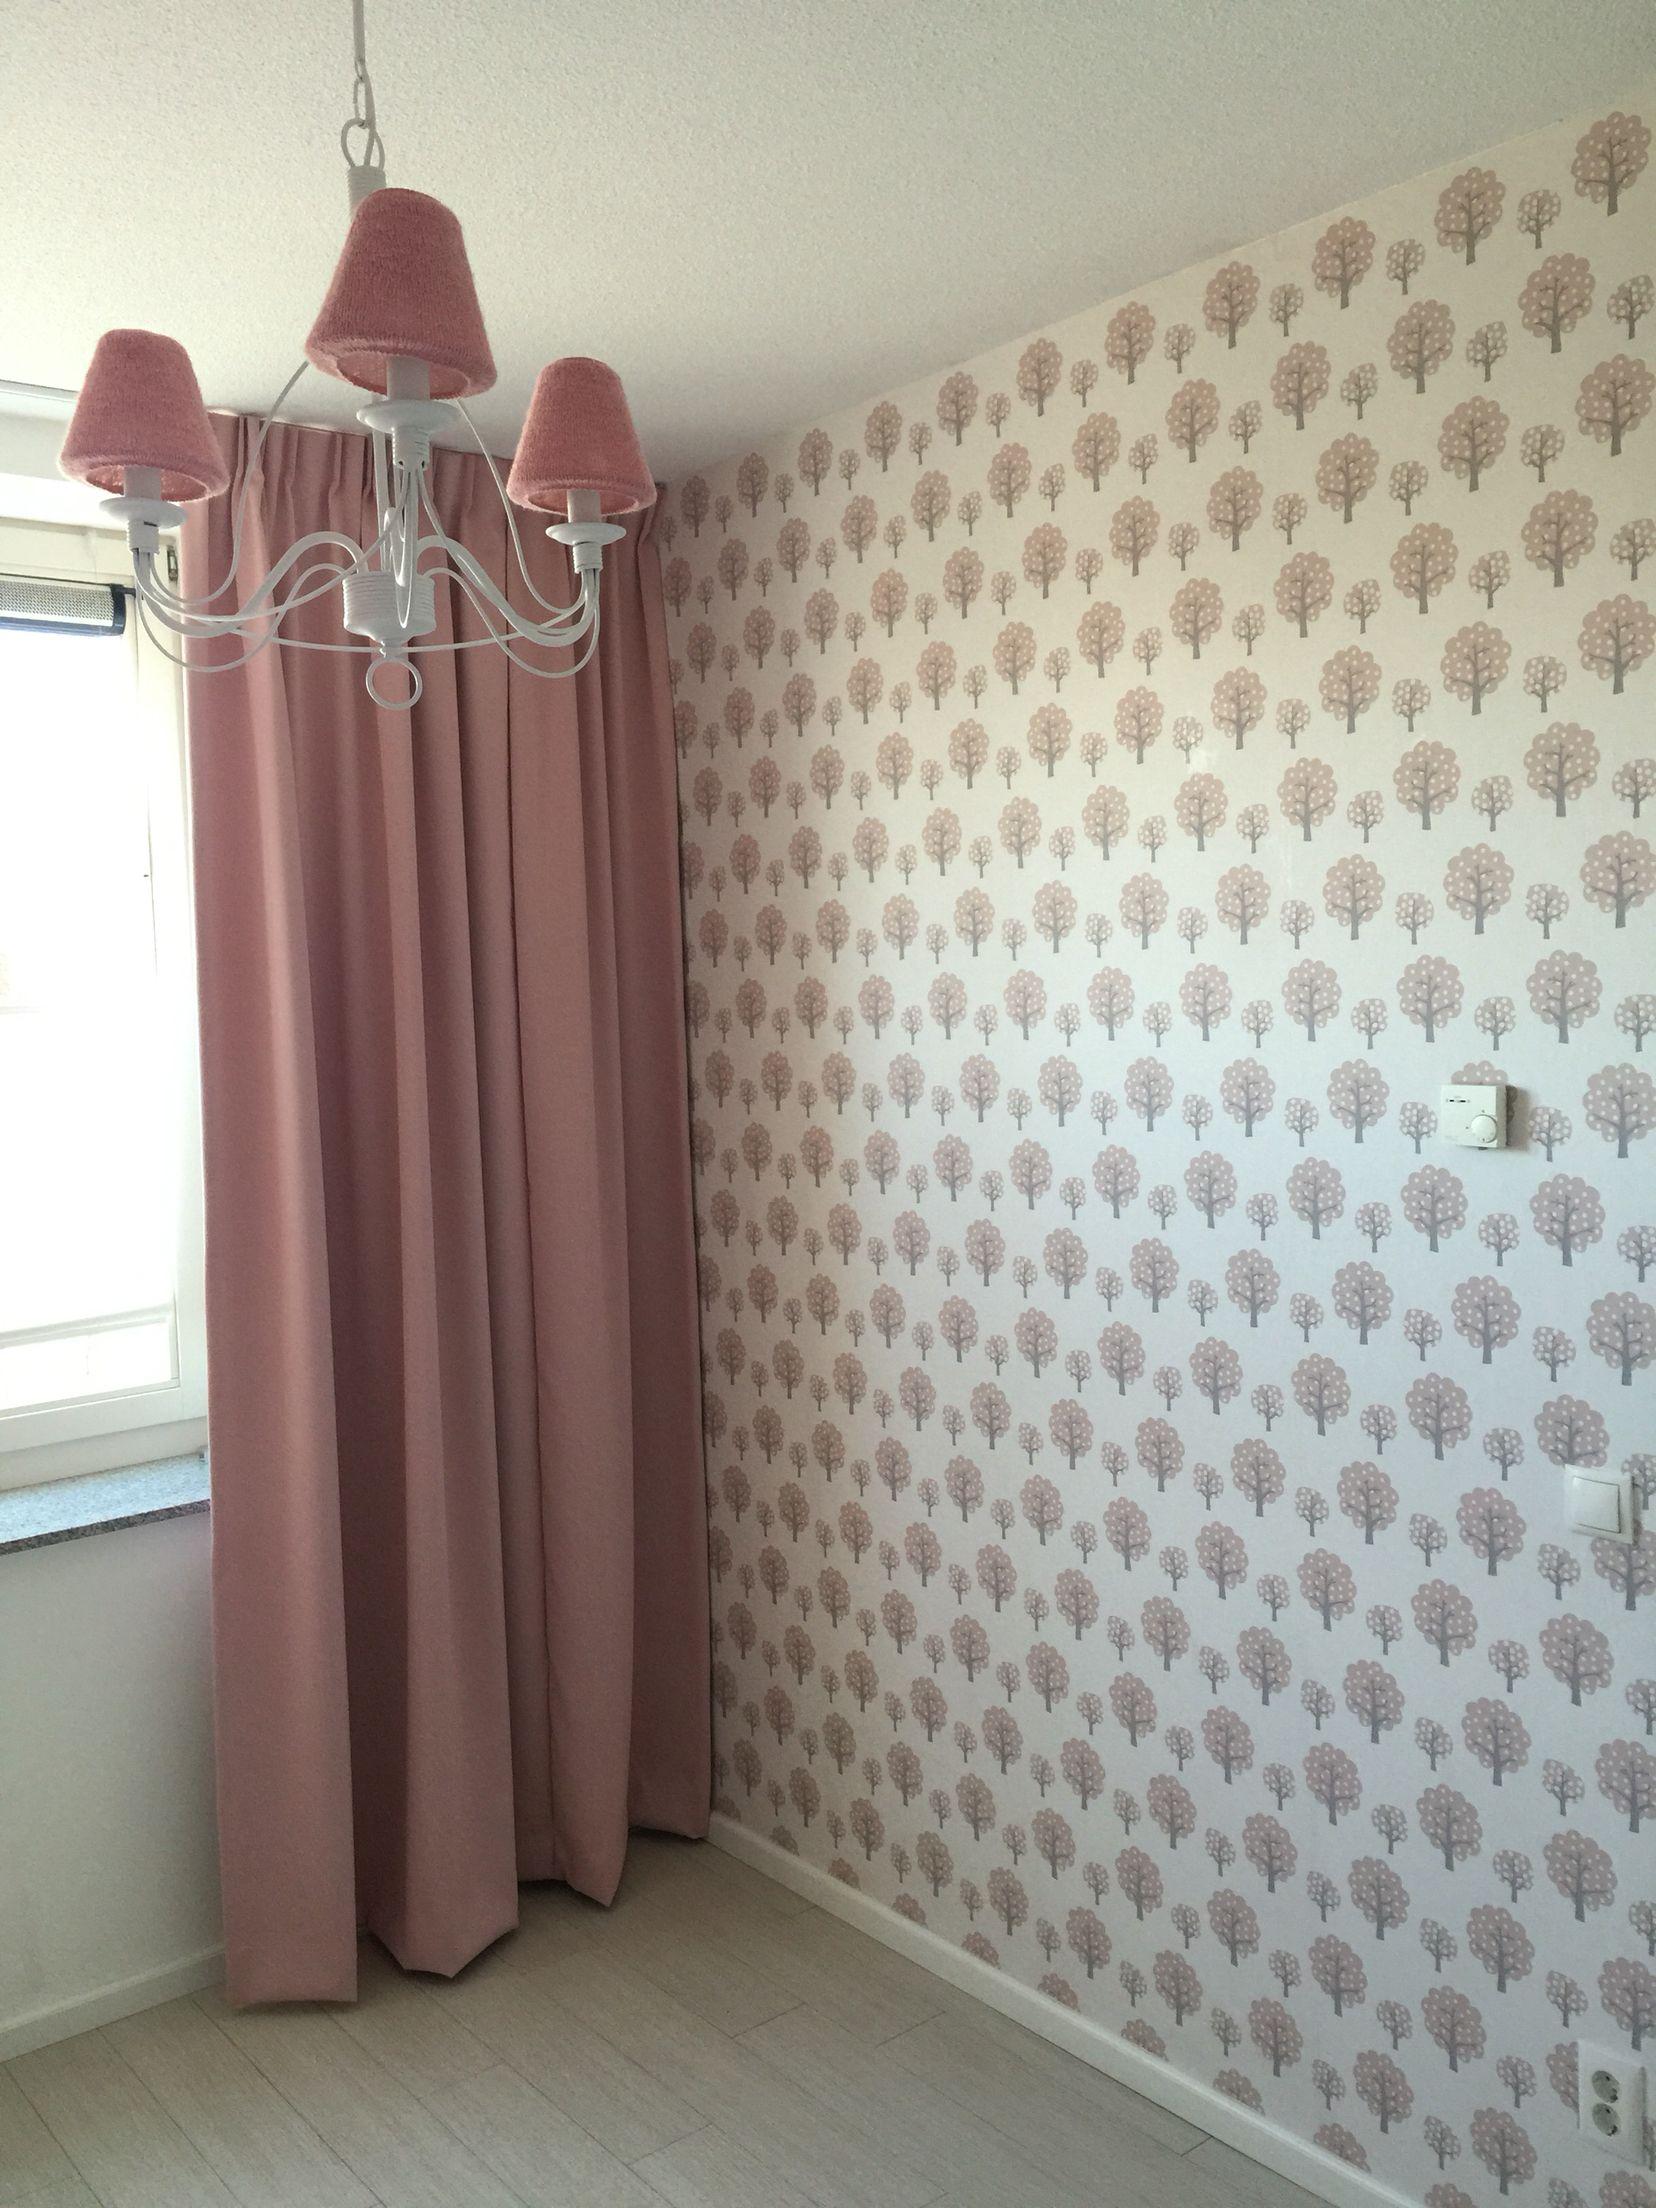 ferm living dotty rose behang babykamer meisje thema bos | baby, Deco ideeën